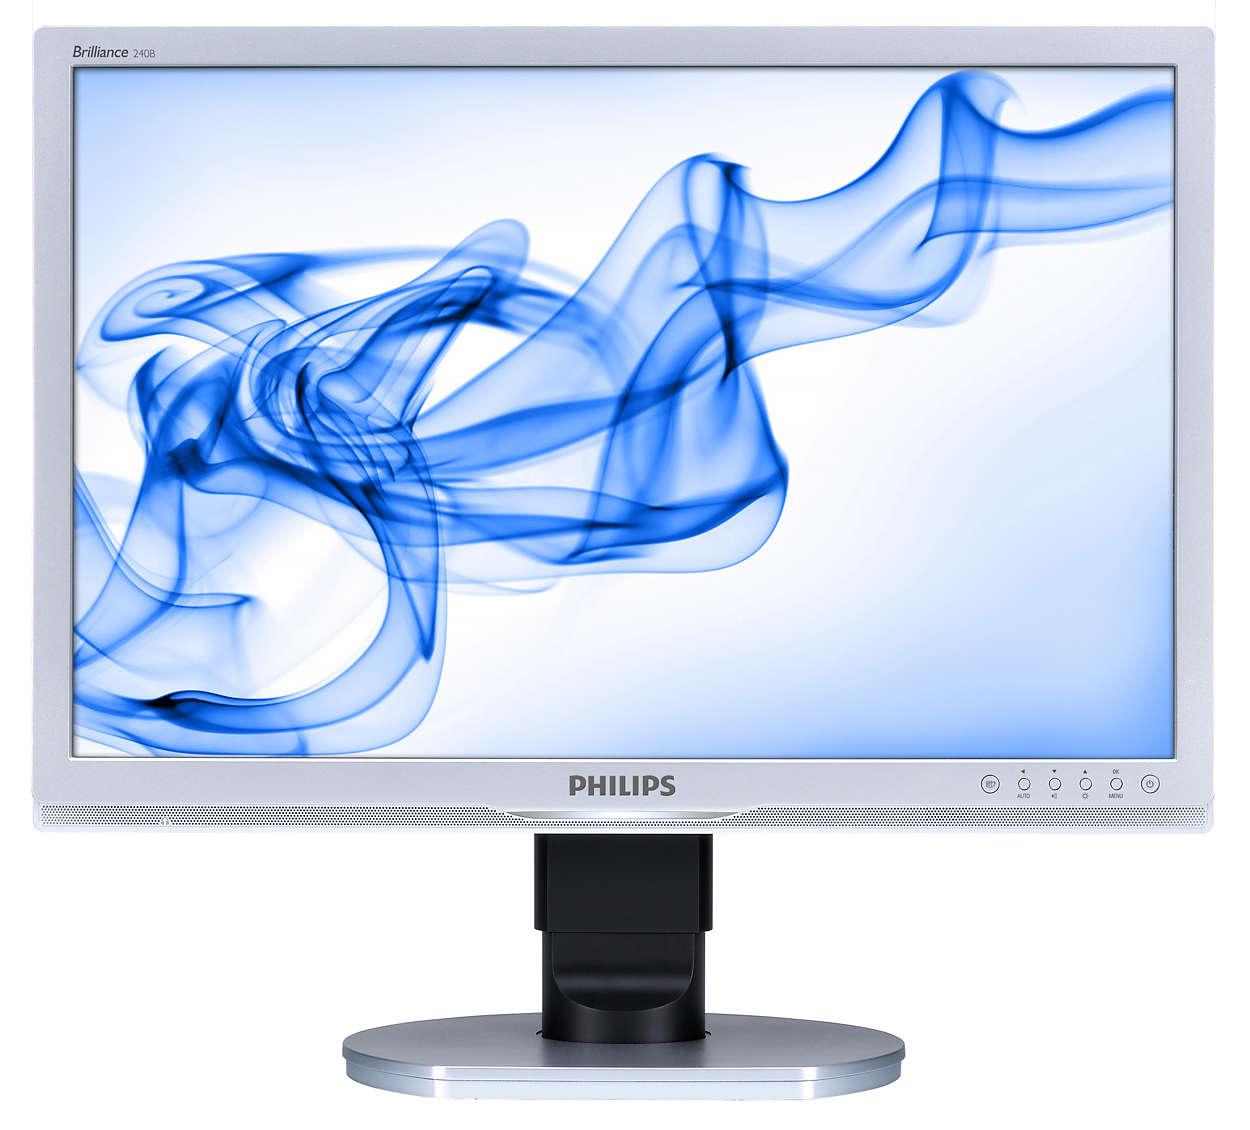 Duży, ergonomiczny monitor dla firm zapewnia większą wydajność